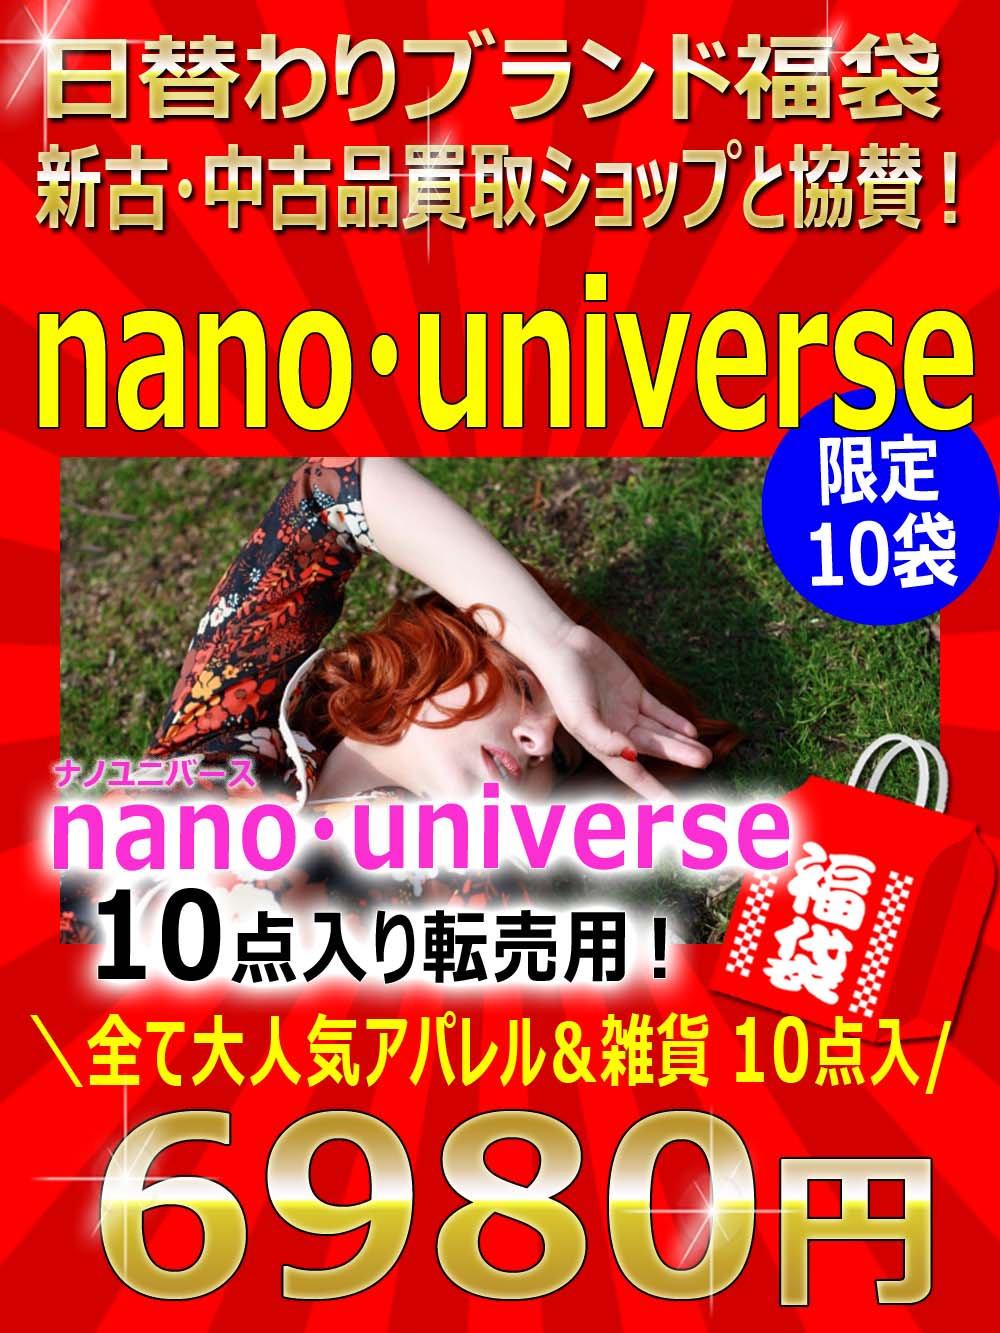 """限定10袋!日替わりブランド福袋!新古・中古ショップ協賛 """"nano・universe""""【10点】6980円"""